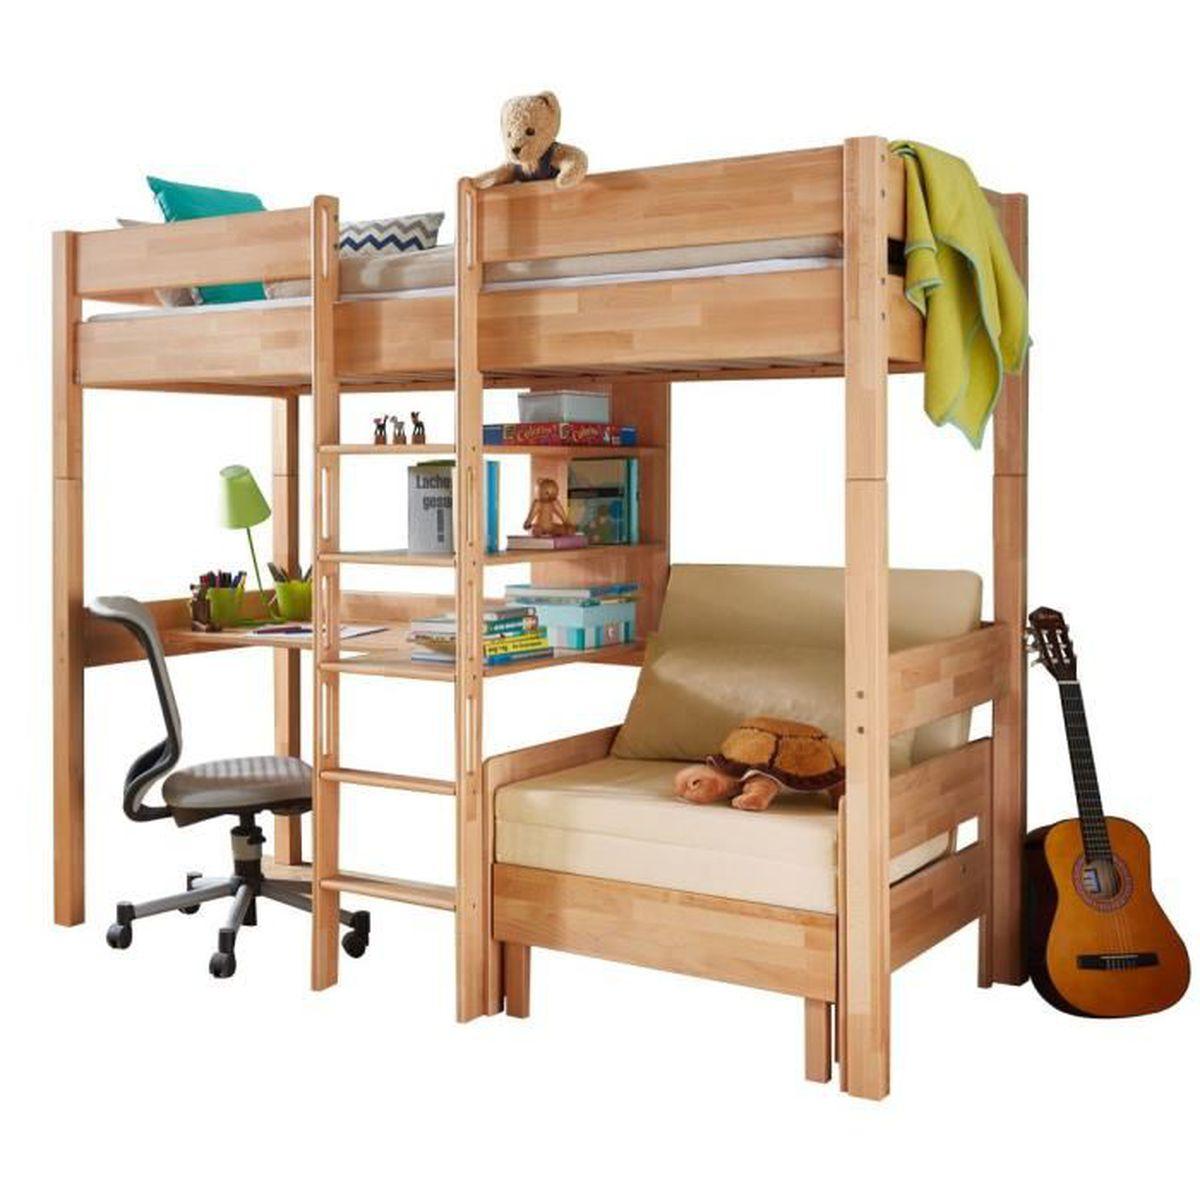 lit mezzanine combin 90x200 cm avec bureau fauteuil et 3 tag res en h tre massif h tre. Black Bedroom Furniture Sets. Home Design Ideas